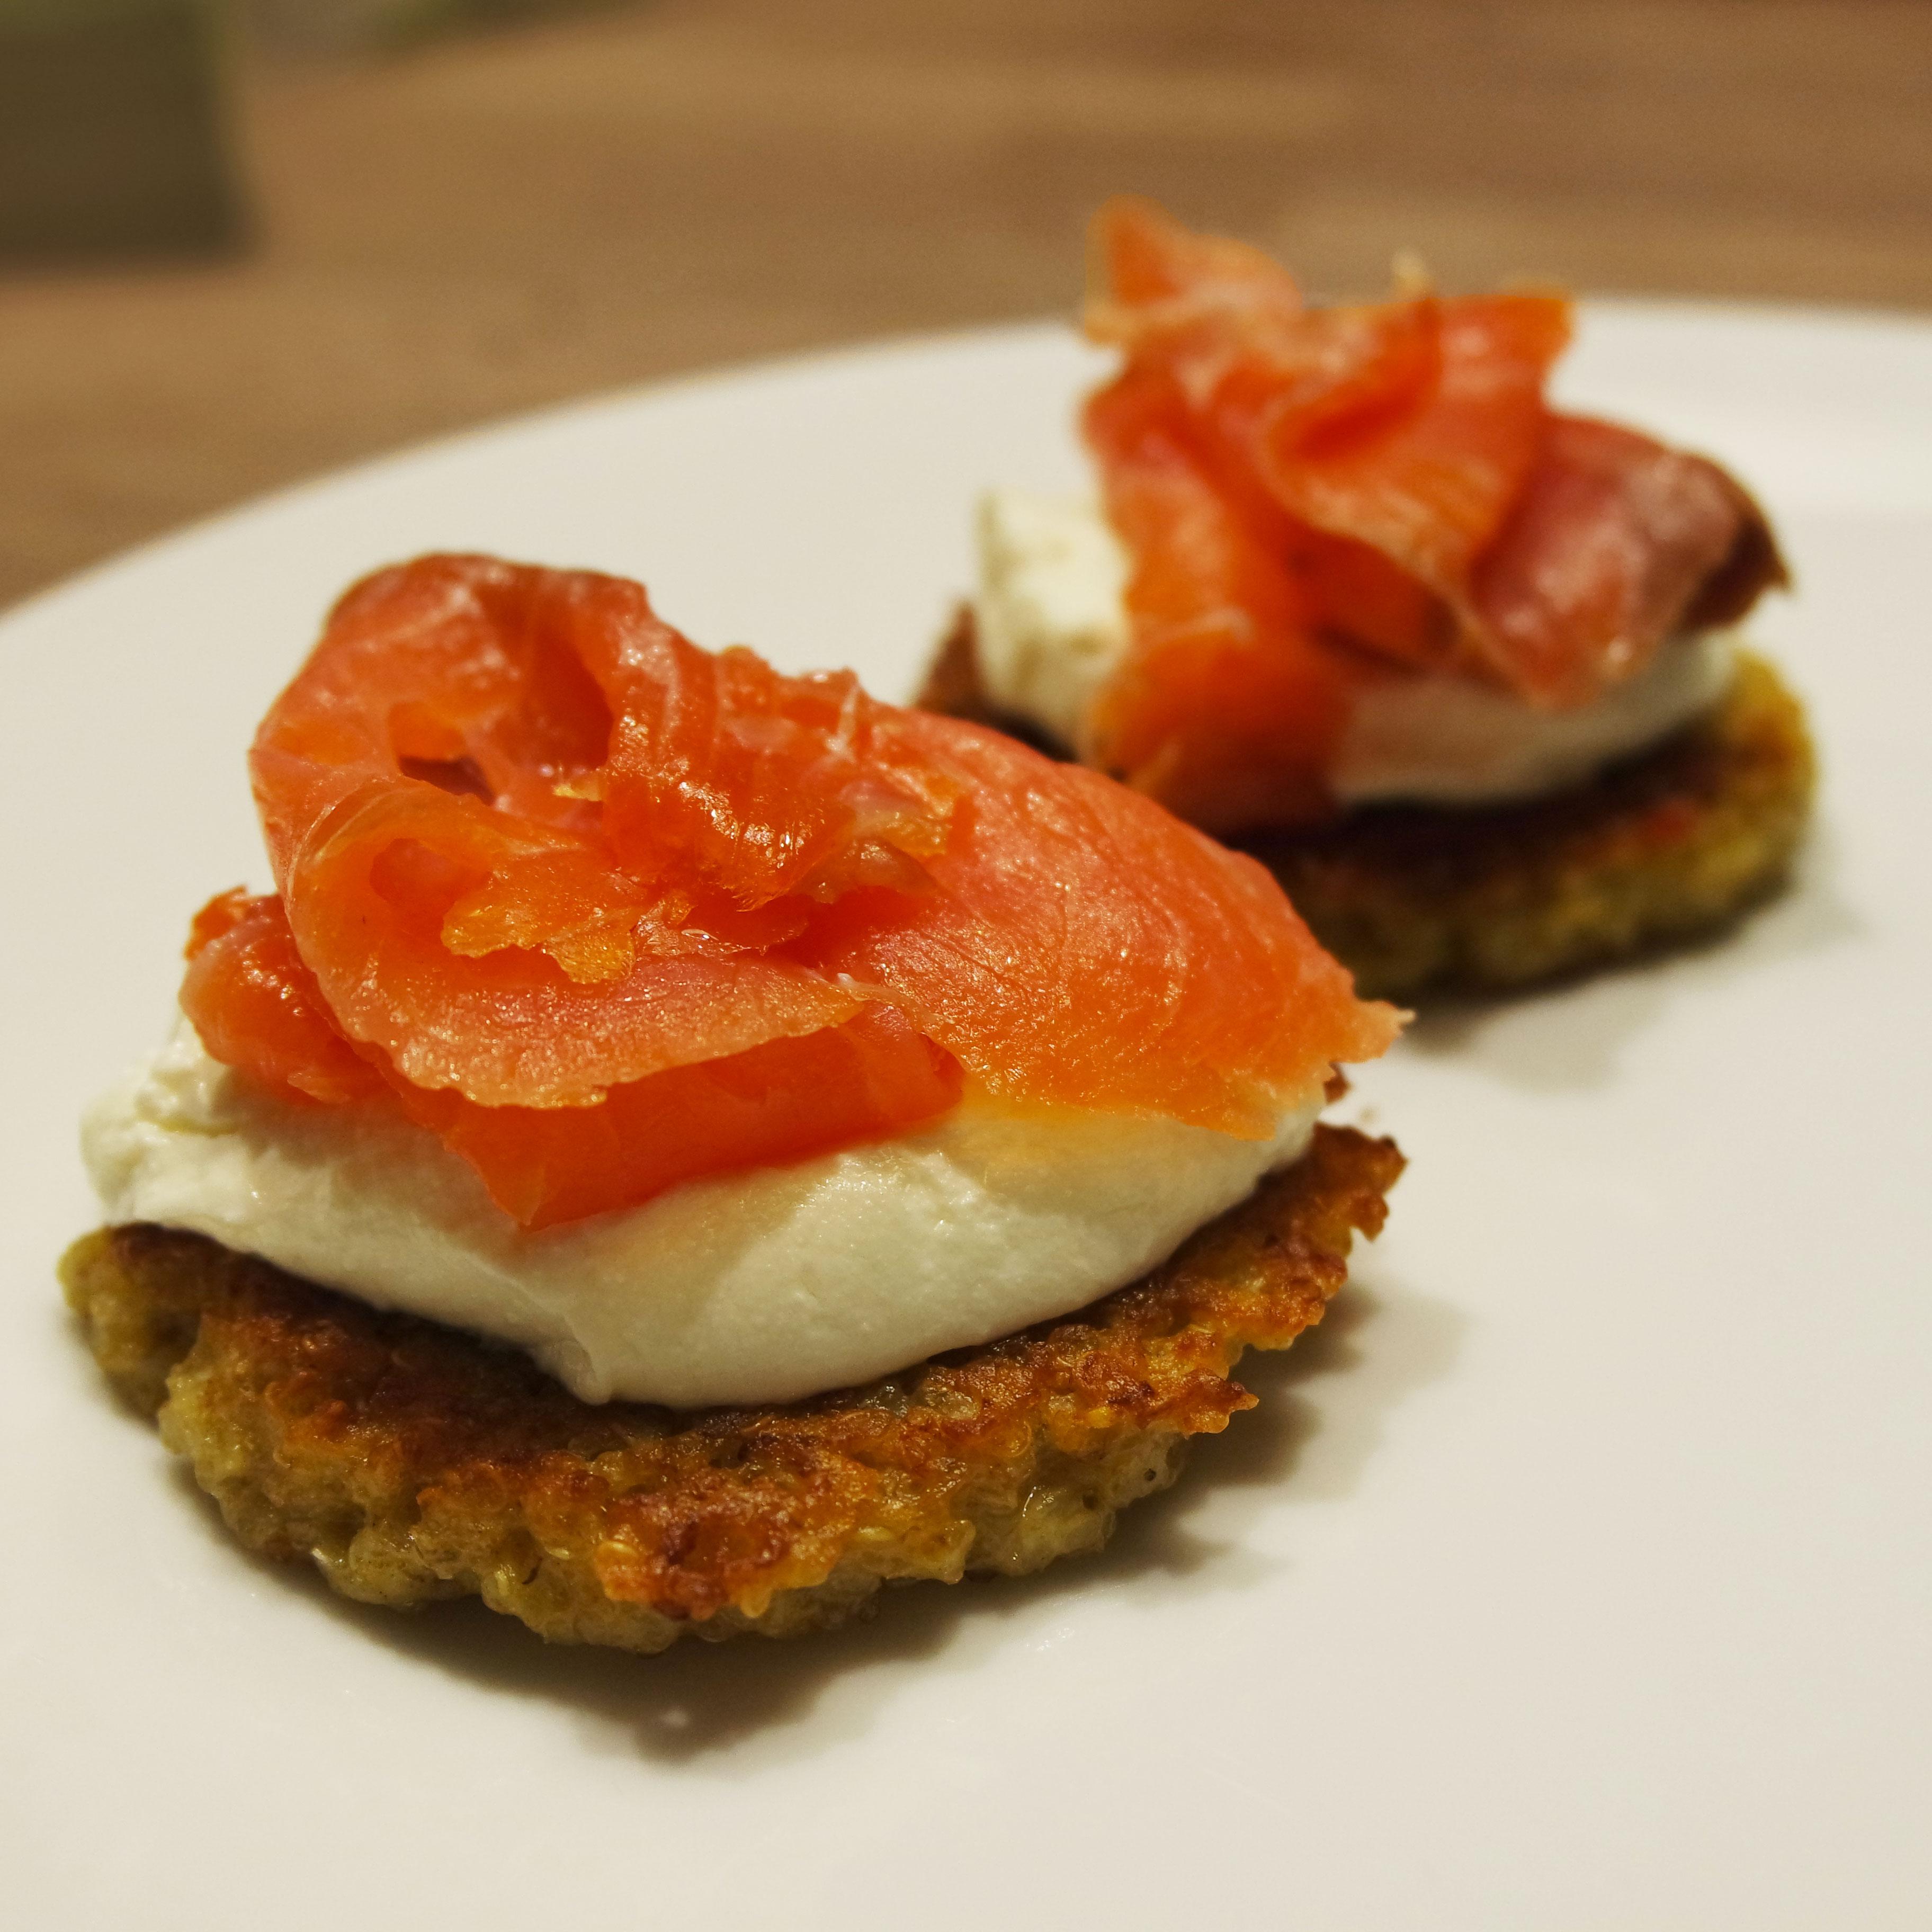 recette-facile-galette-quinoa-light-rapide-saumon-philadelphia-régime-blog-belge-salmon-brunch